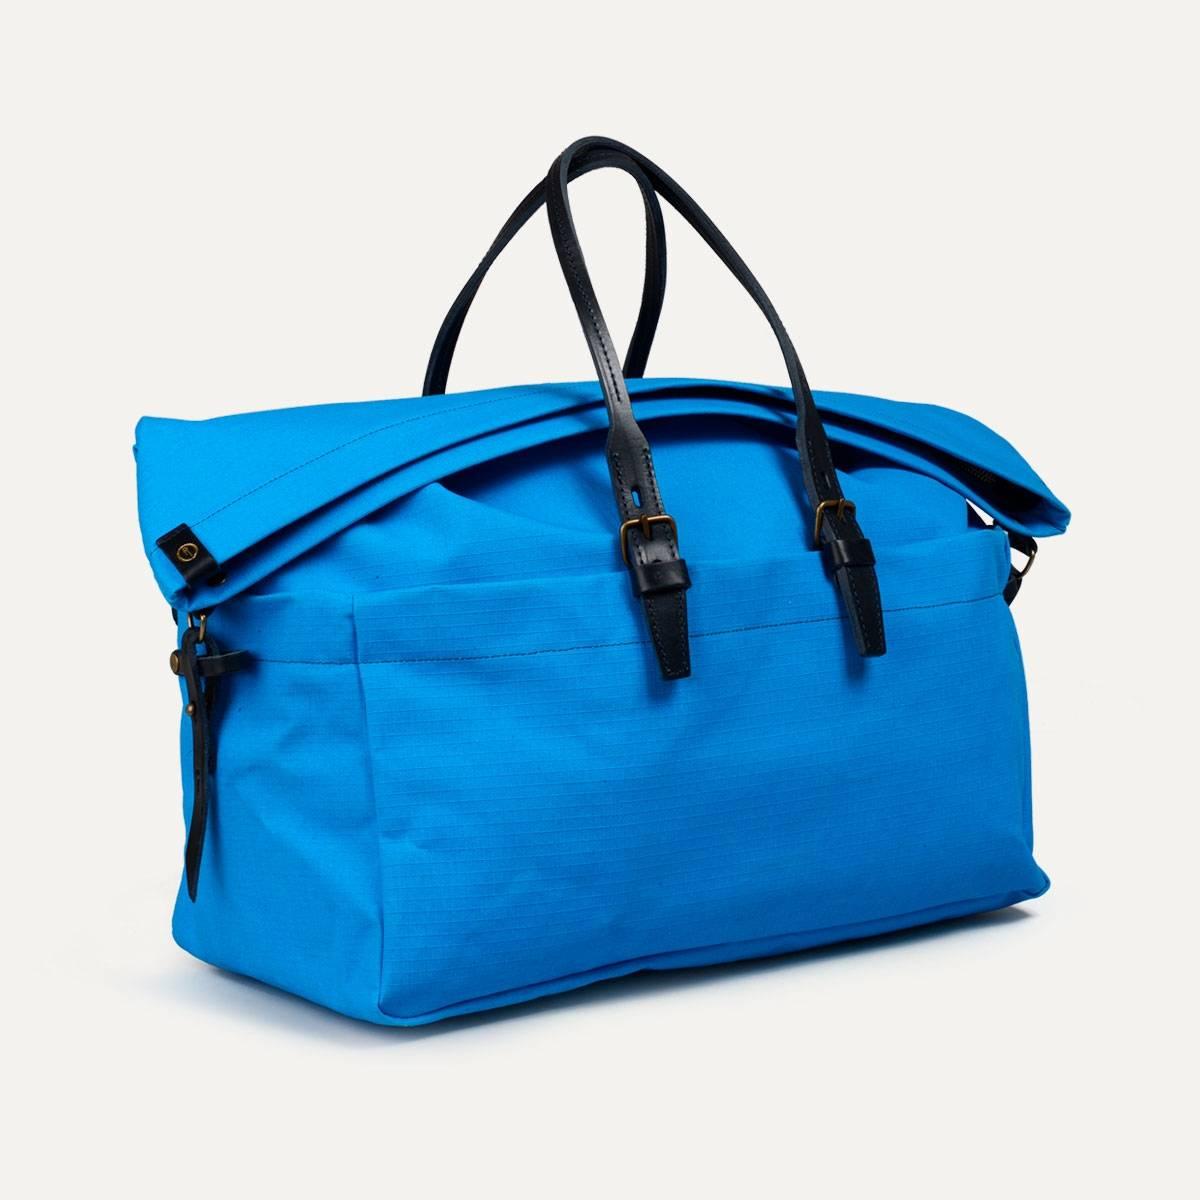 Cabine Travel bag  - Regentex Blue (image n°3)